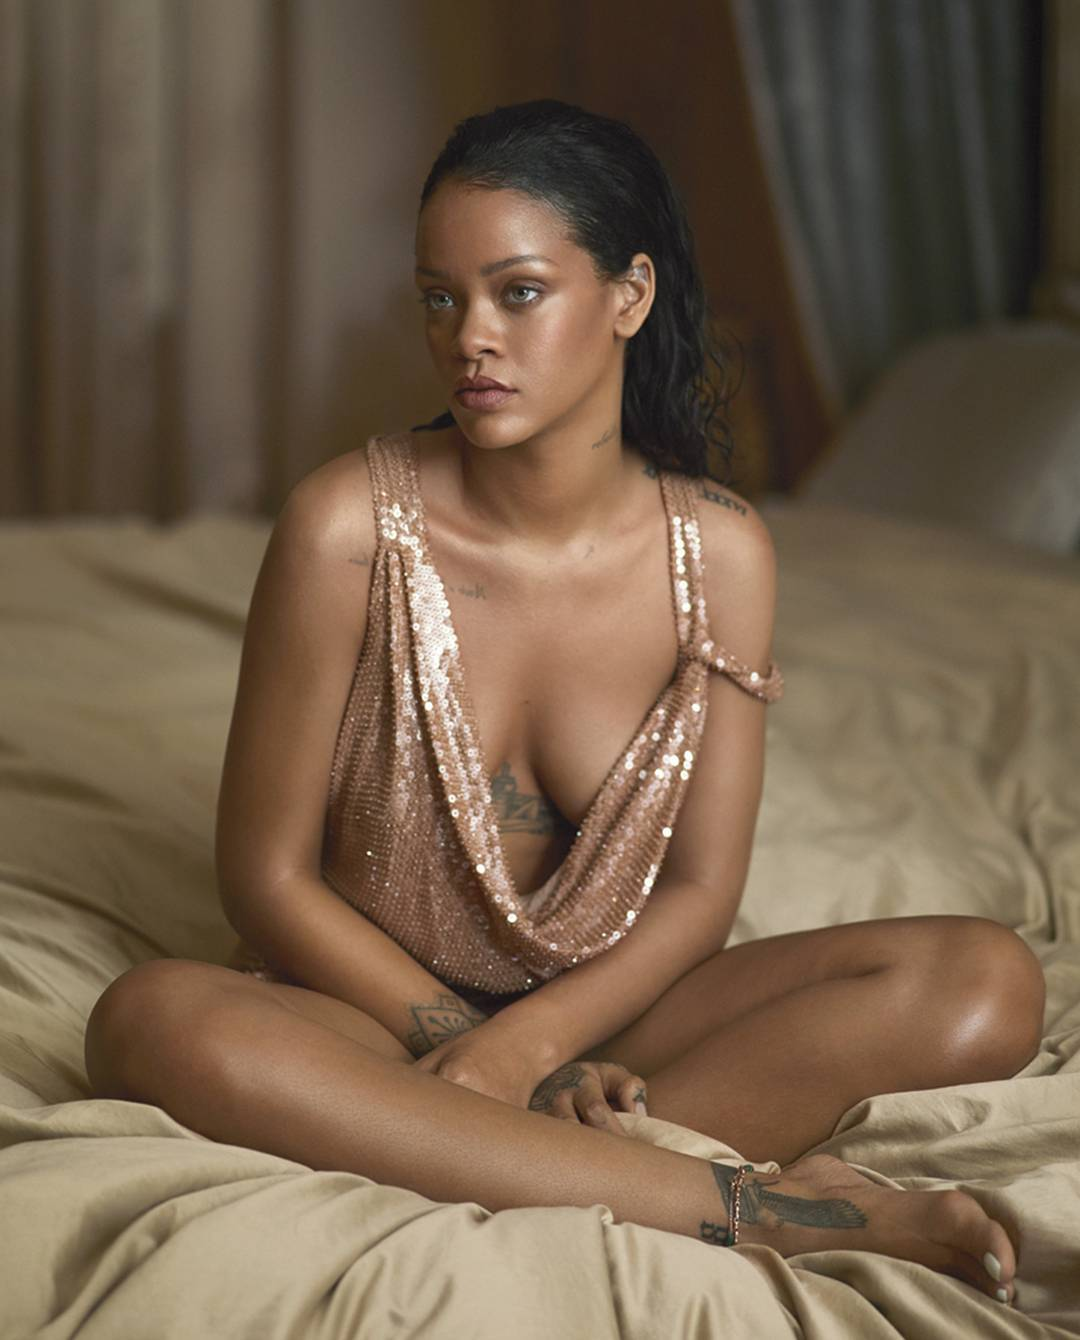 Dünyaca ünlü şarkıcı Rihanna yatakta derin göğüs dekolteli sexy elbisesi ile çok cesur pozlar verdi. Foto galeriyi görüntülemek için buraya tıklayın.